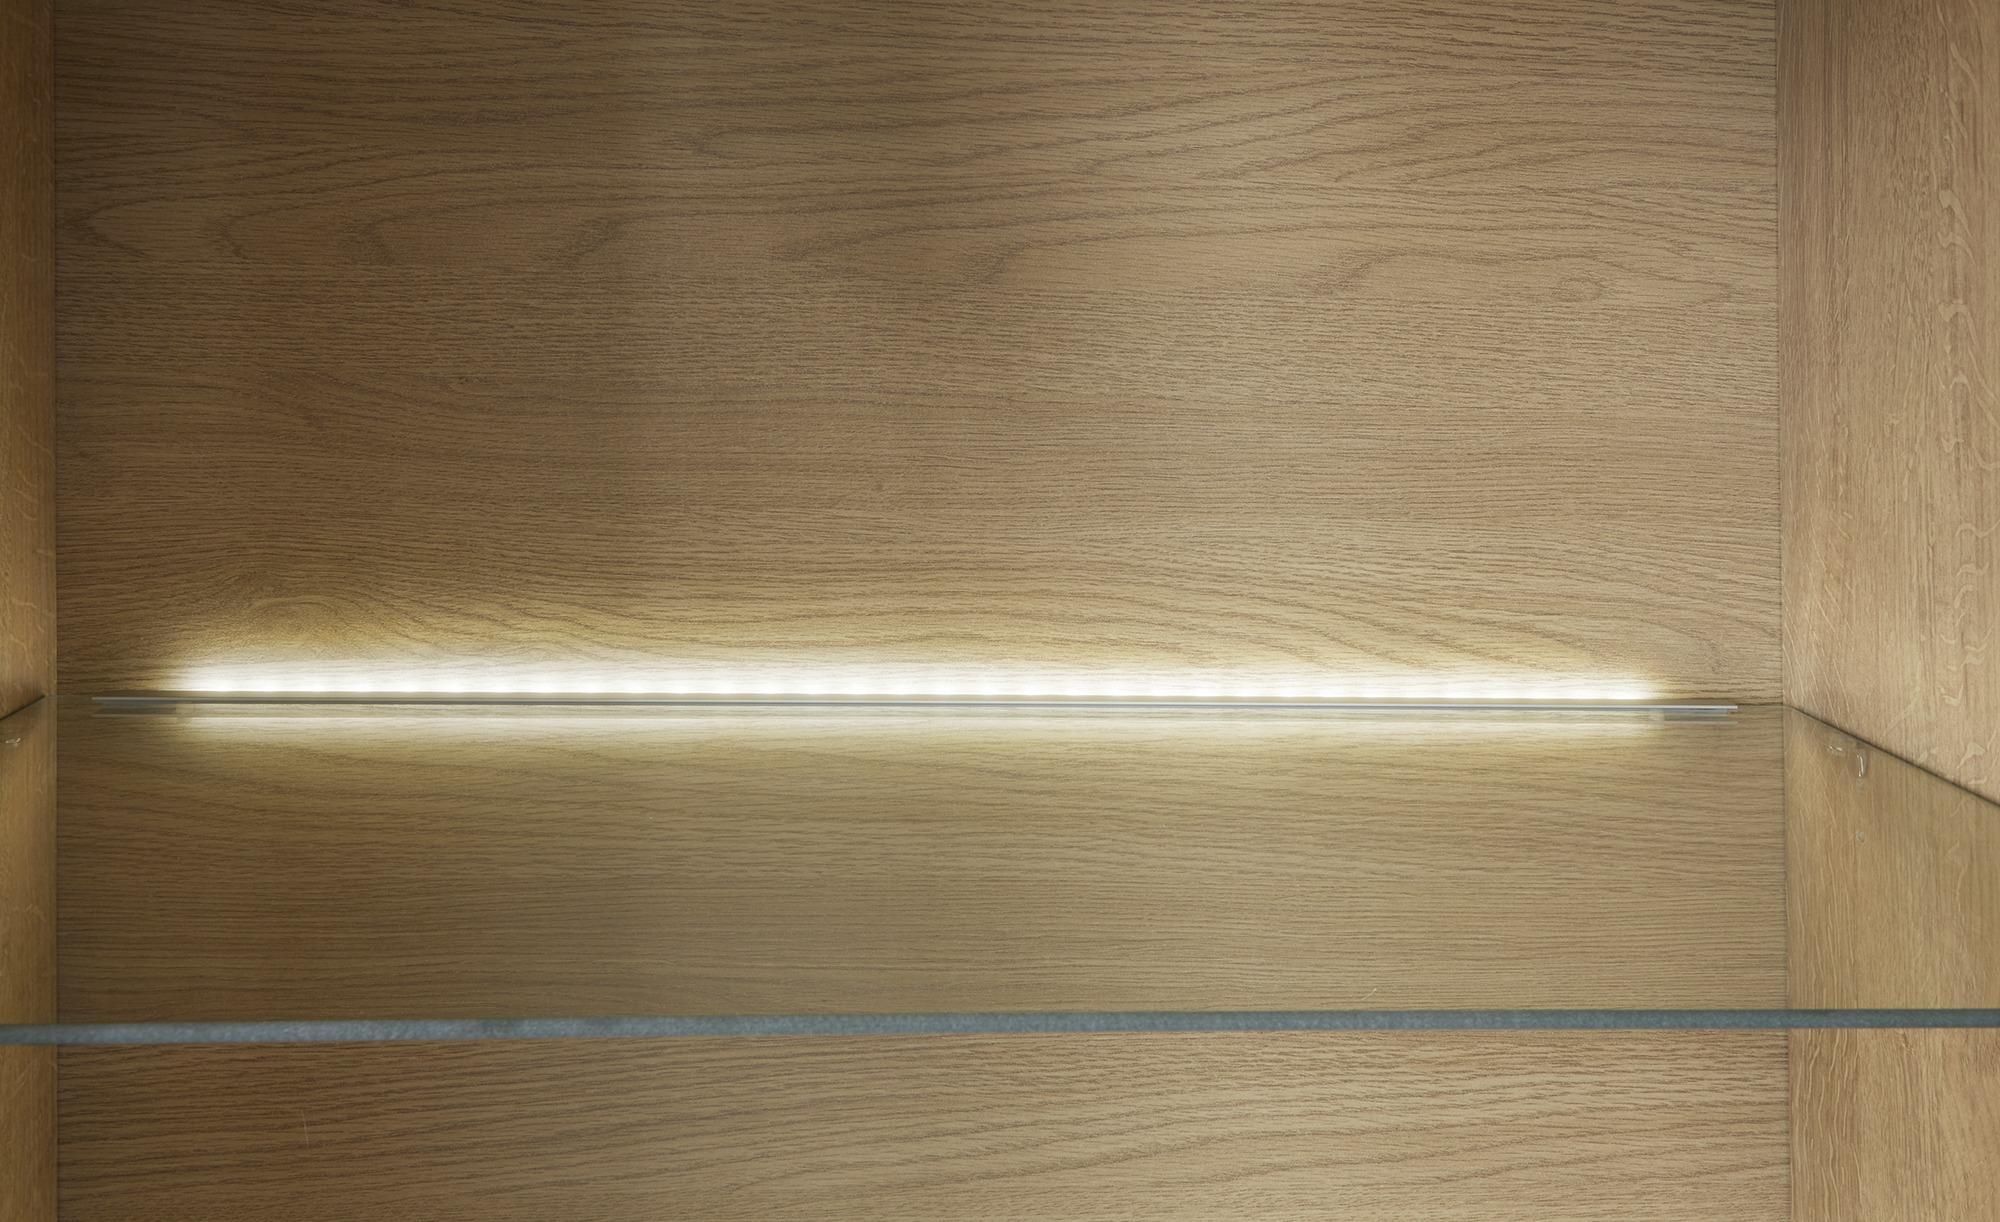 Woodford Beleuchtung  Kent - Lampen & Leuchten > LED-Leuchten > LED-Möbelleuchten - Möbel Kraft   Lampen > Leuchtmittel > Led   Woodford